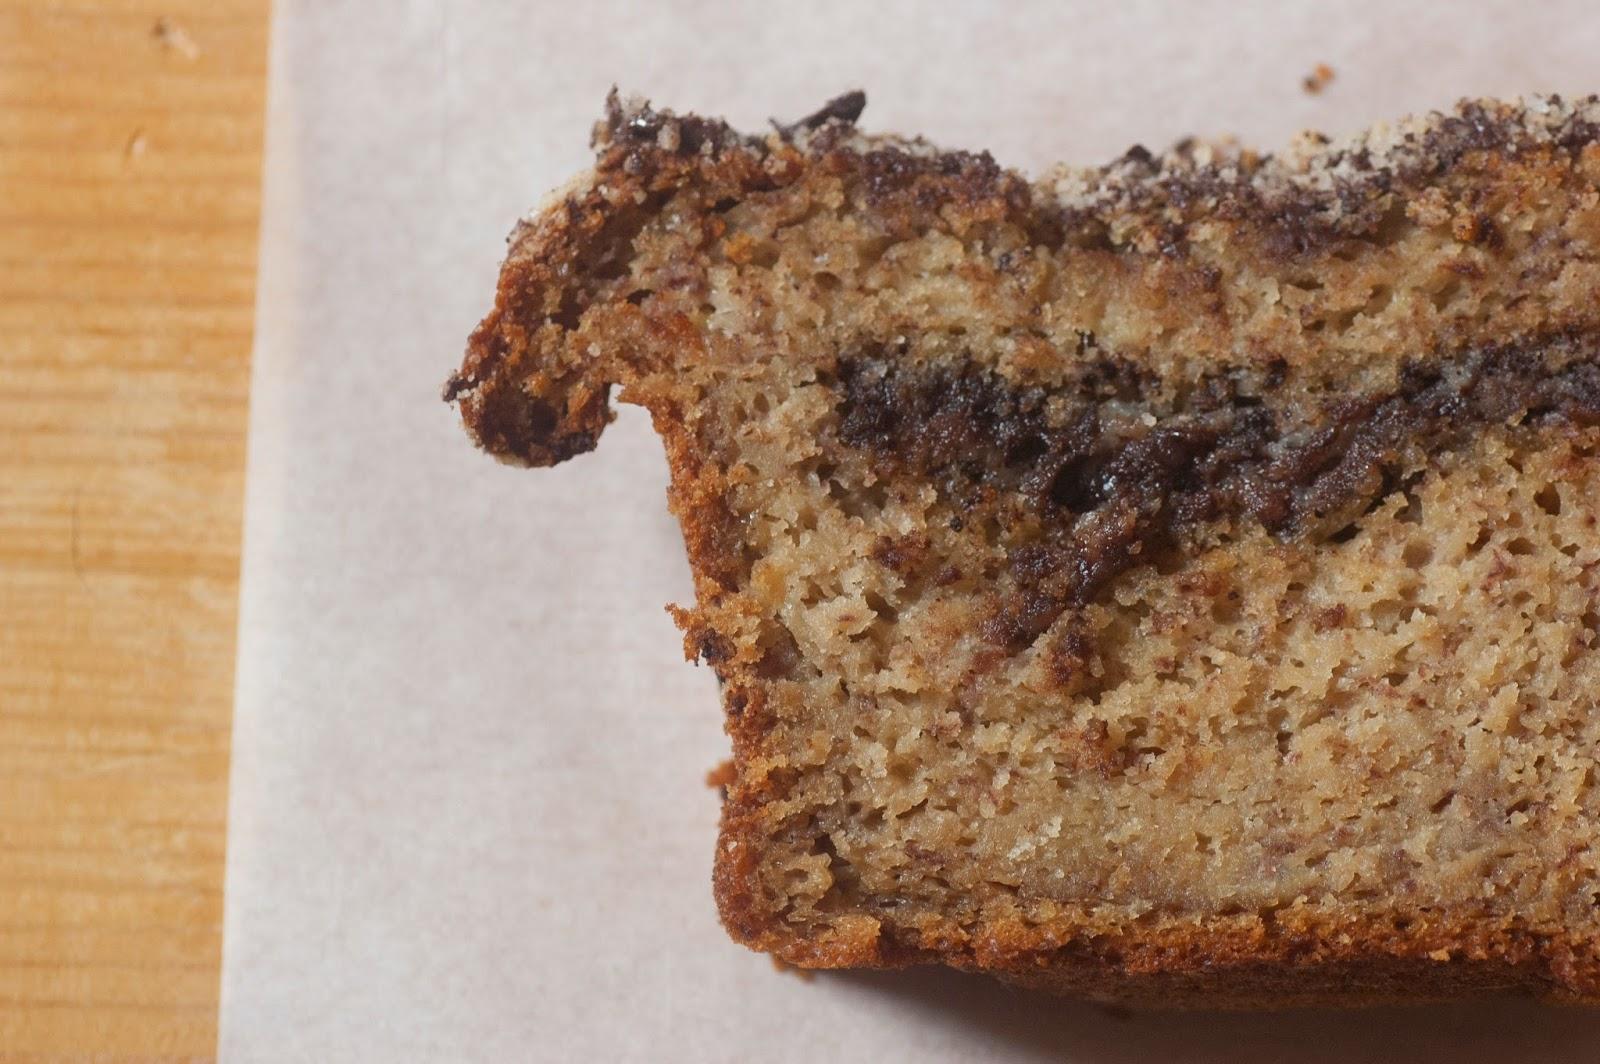 עוגת בננות, סילאן וטחינה בציפוי שטרוייזל שוקולד